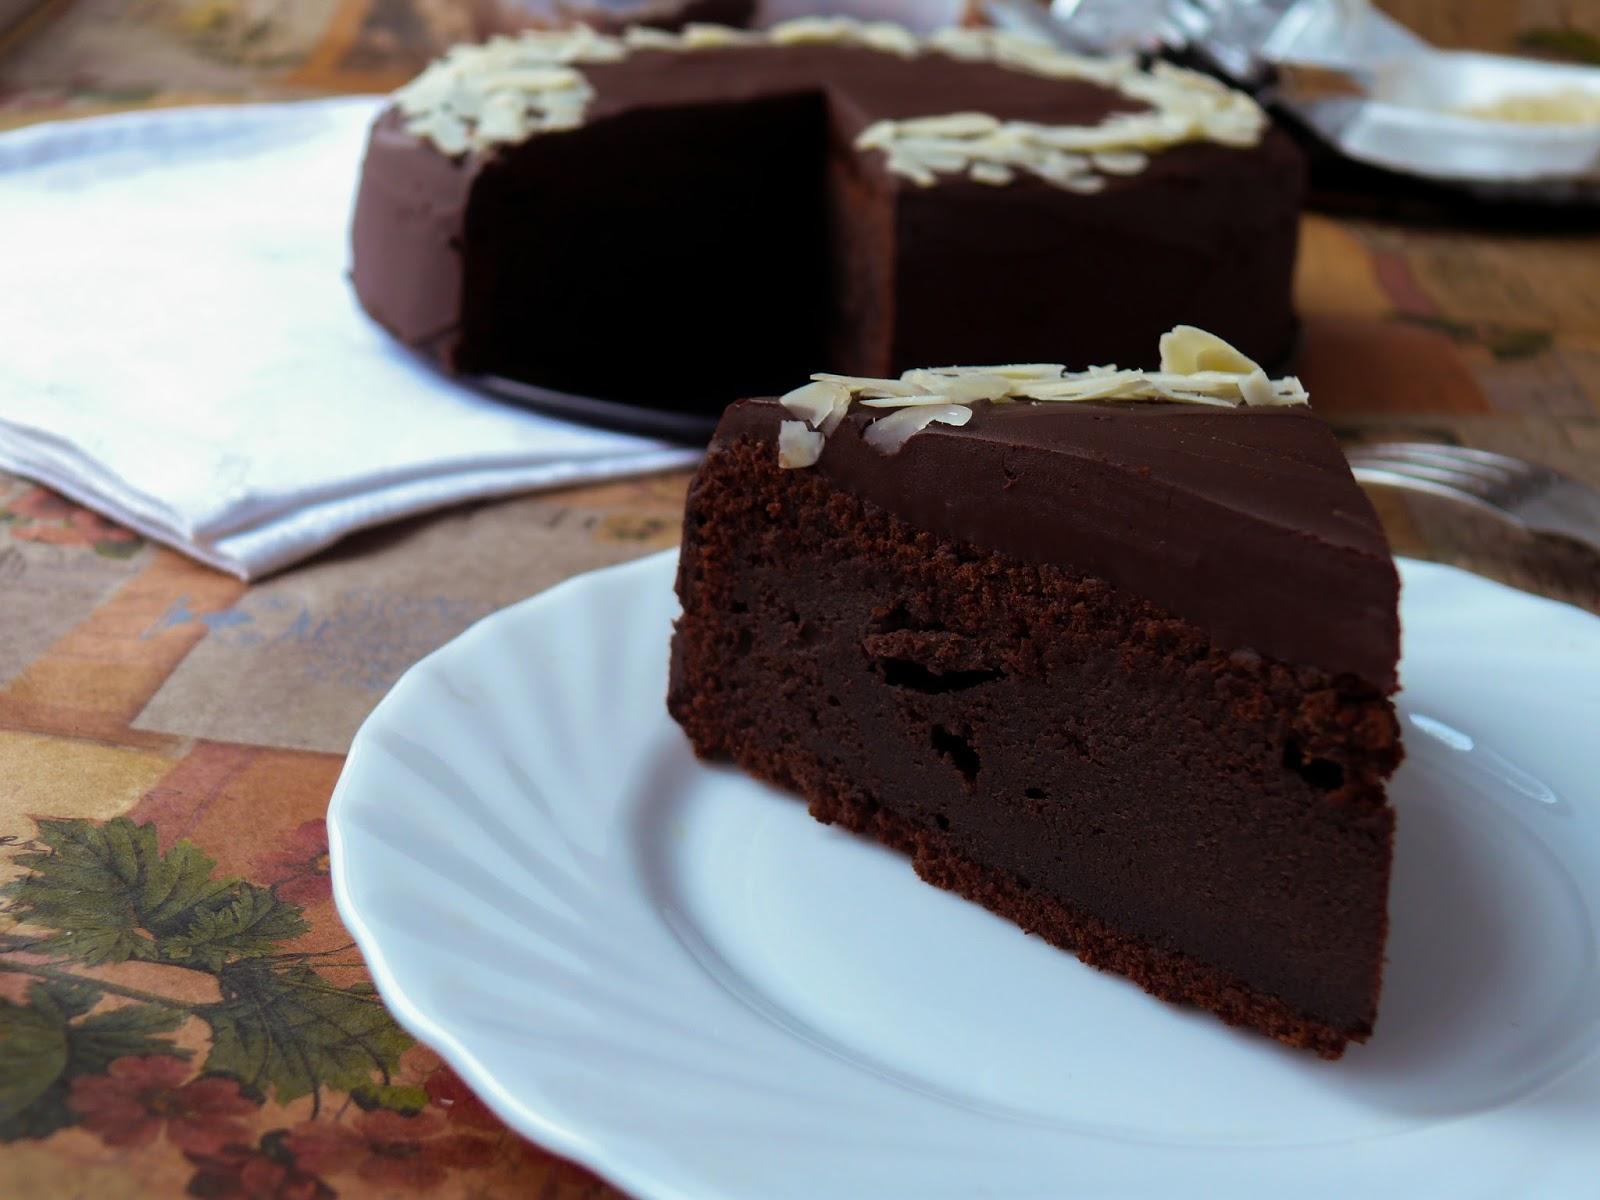 вкусный шоколадно-желейный десерт